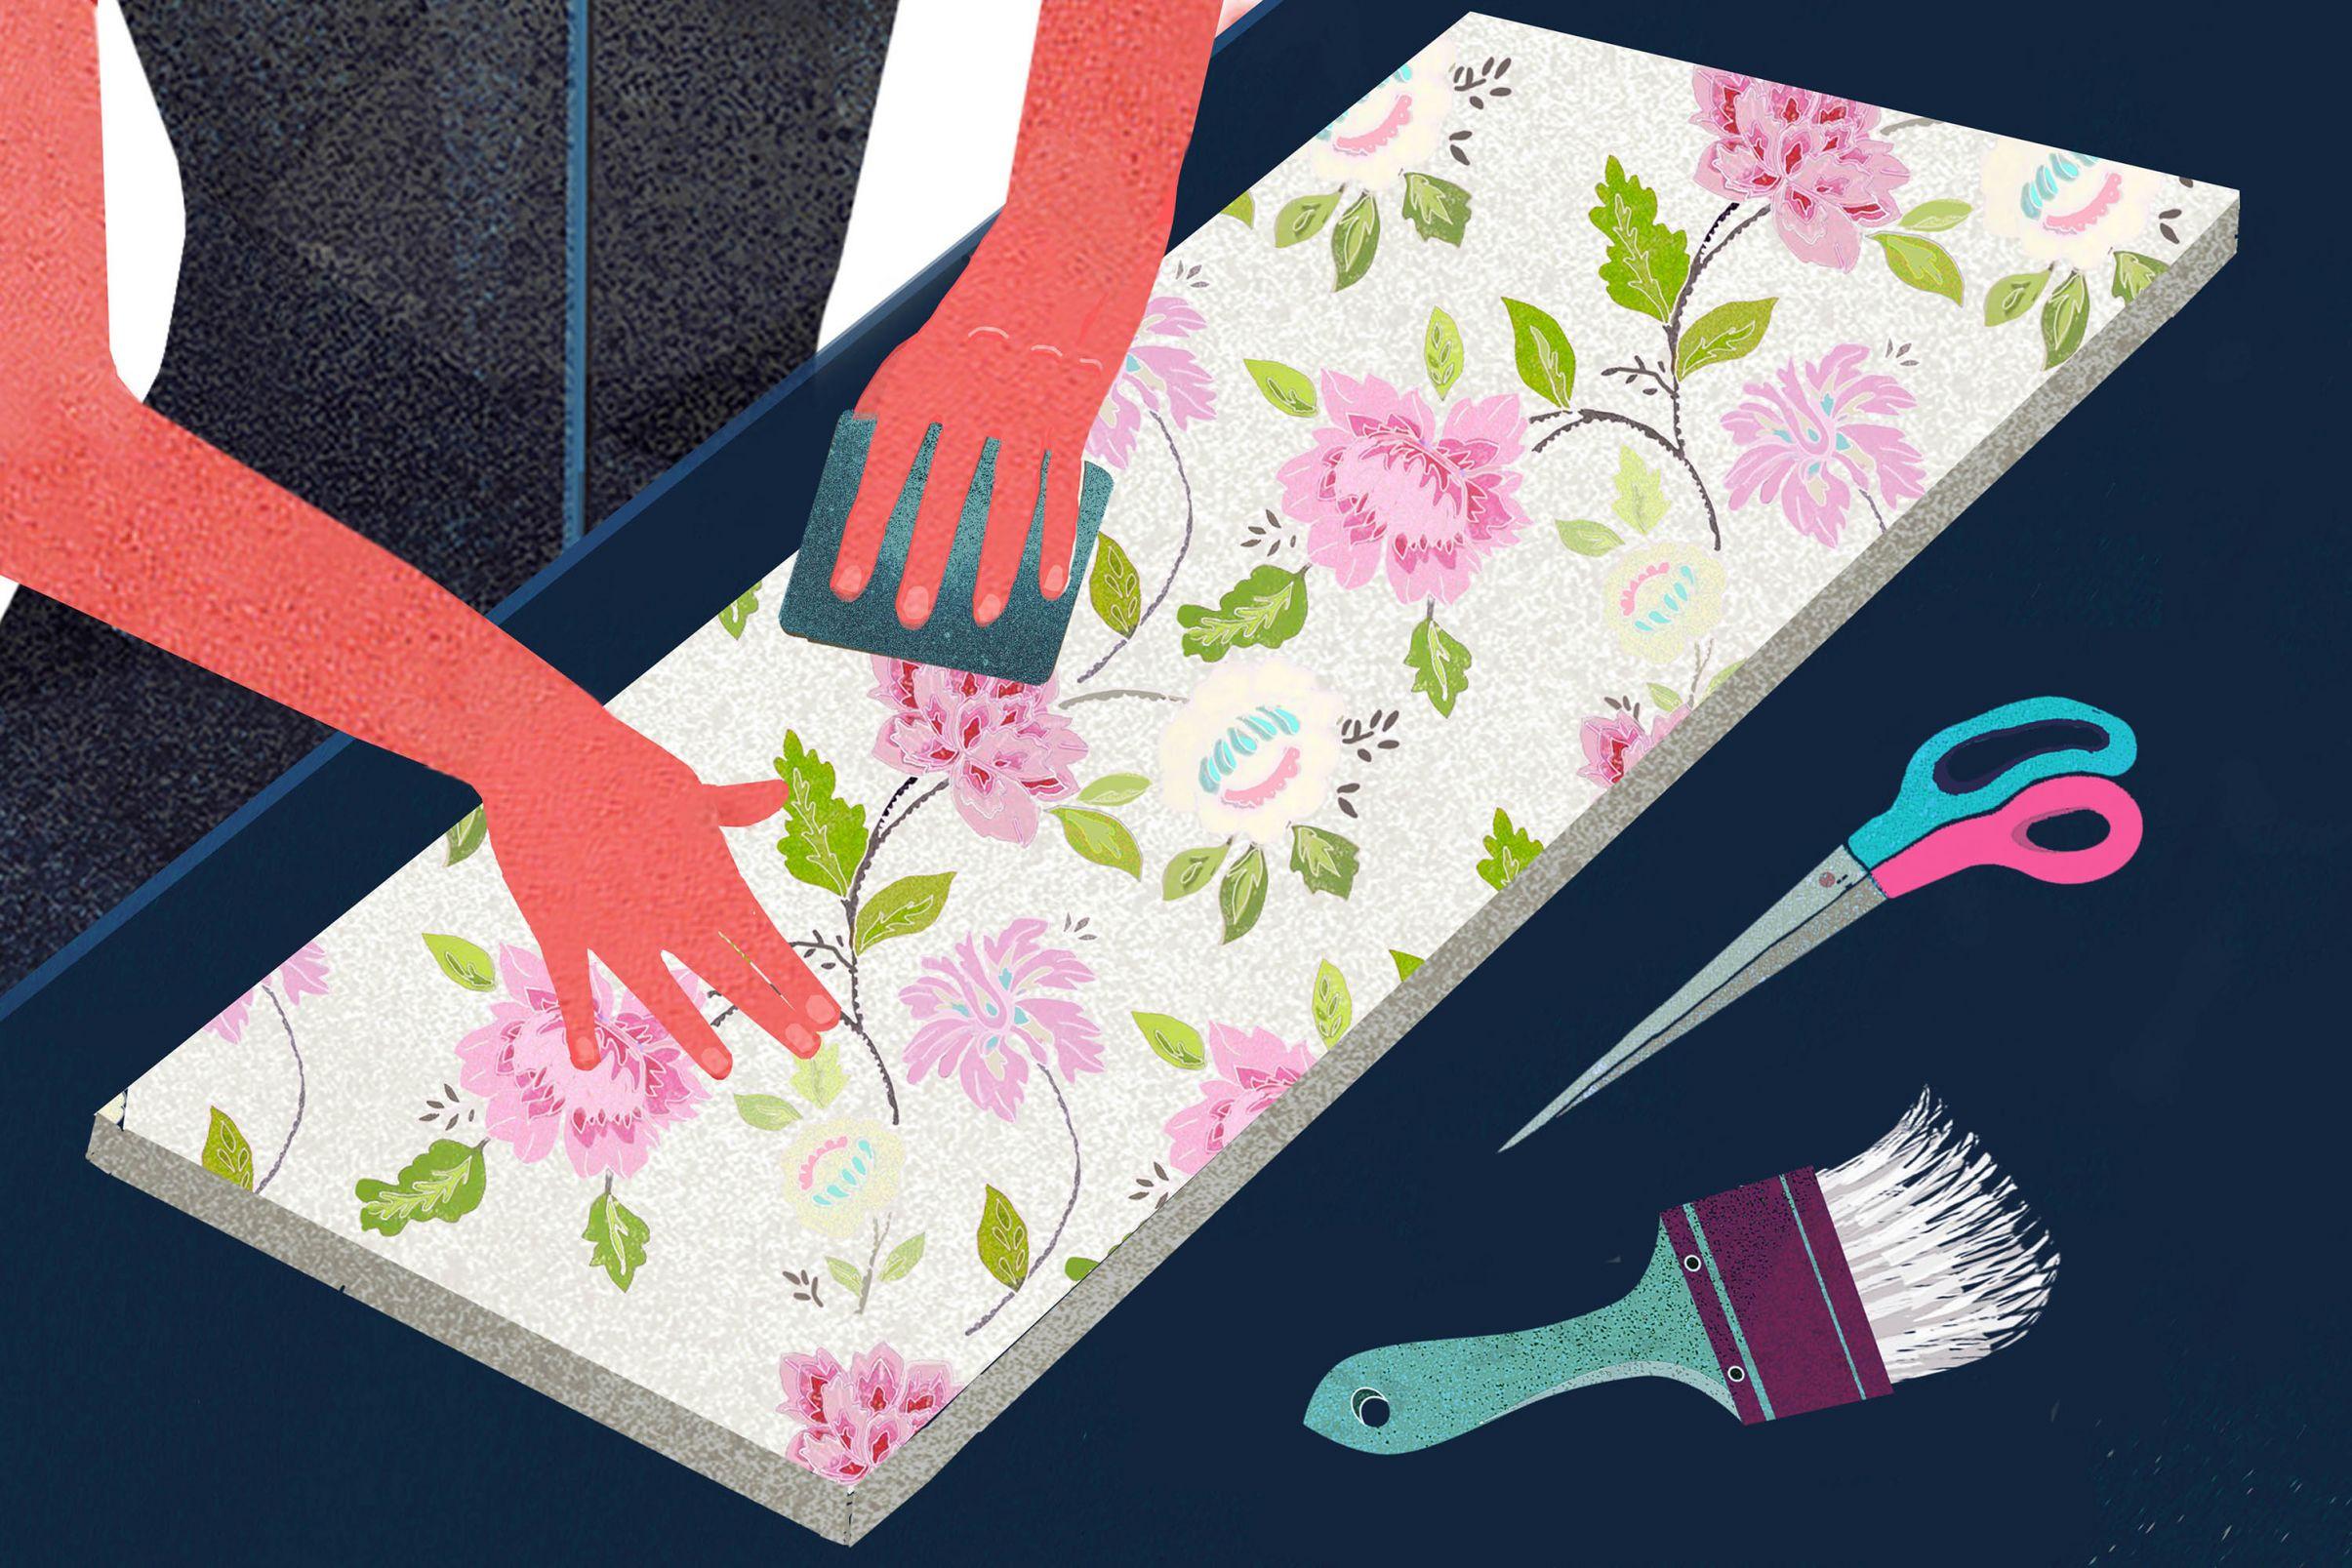 Como-embellecer-escaleras-con-papel-pintado-Cortar-previamente-el-papel-pintado-y-montar